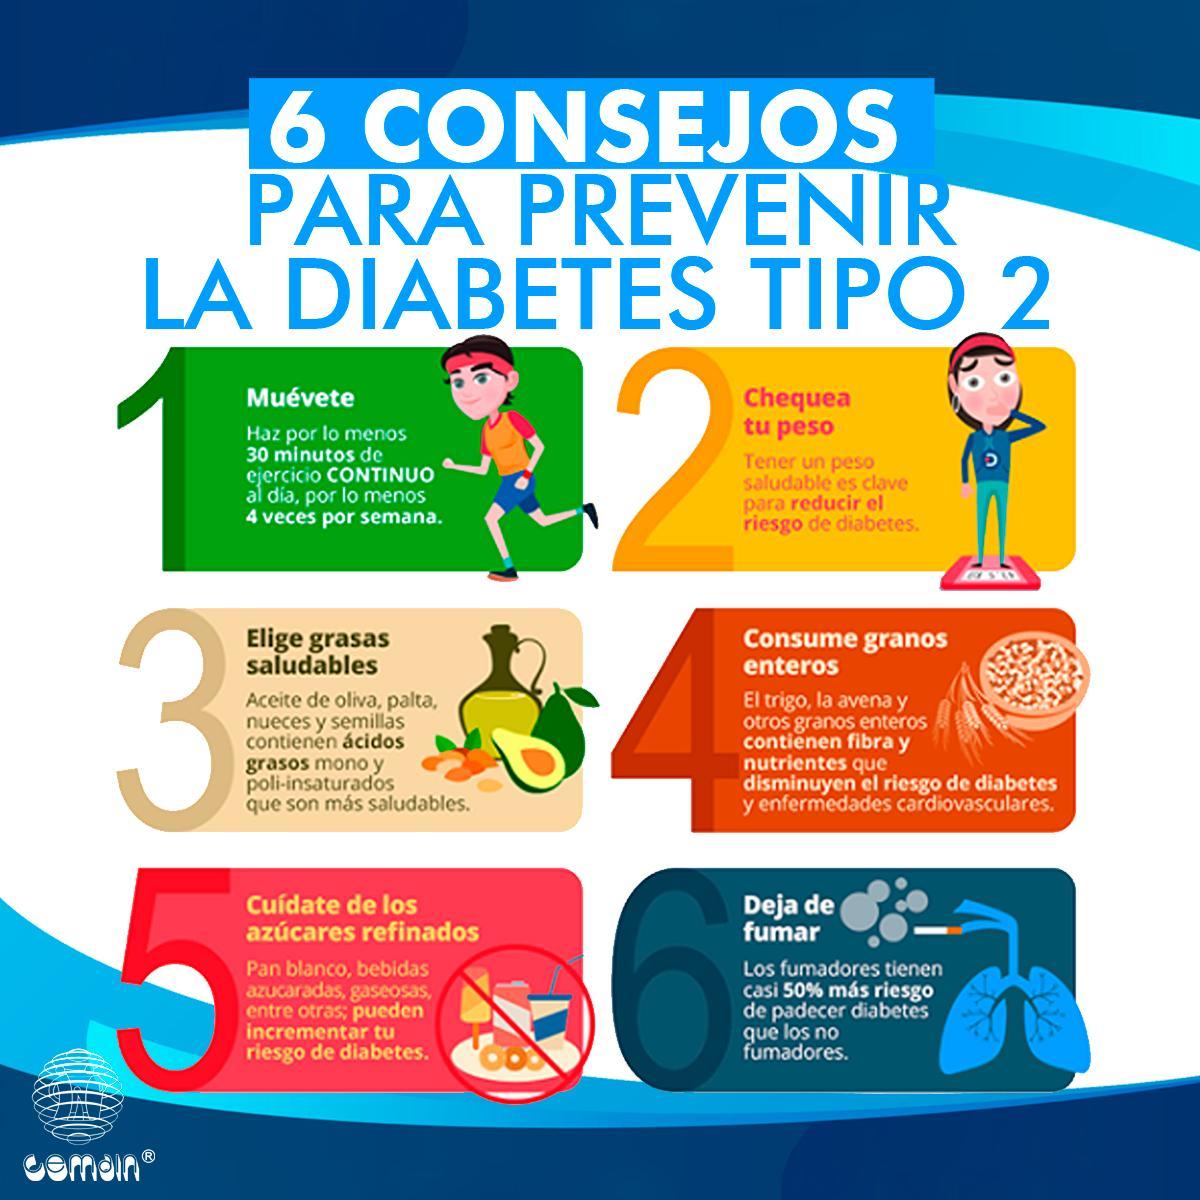 consejos de prevención de diabetes tipo 2